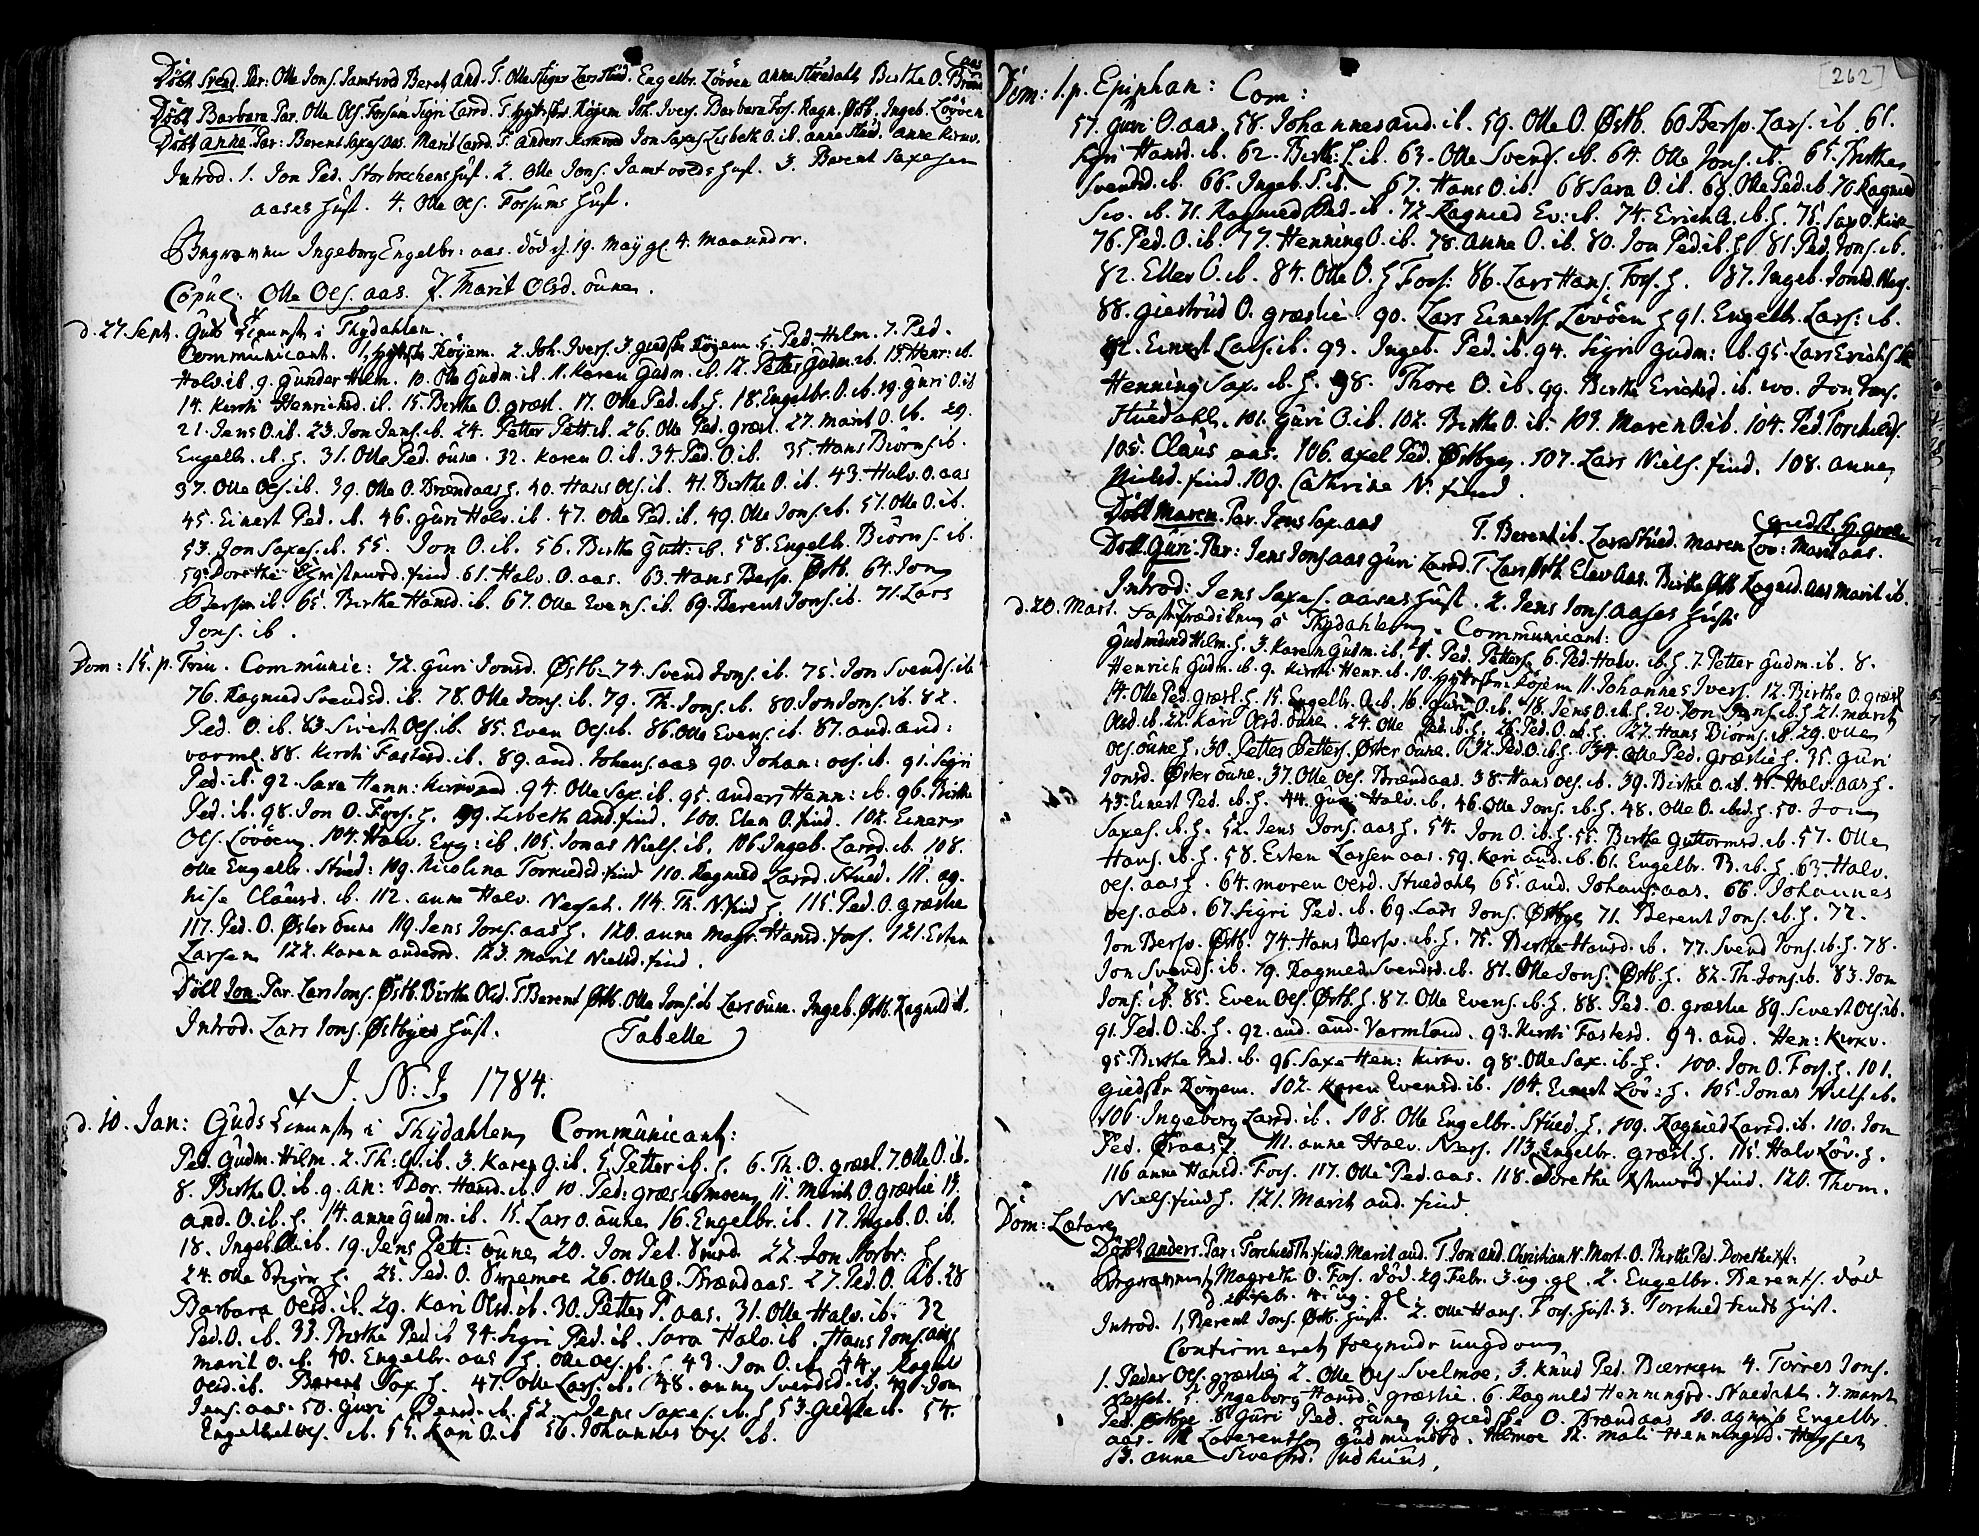 SAT, Ministerialprotokoller, klokkerbøker og fødselsregistre - Sør-Trøndelag, 695/L1139: Ministerialbok nr. 695A02 /2, 1776-1790, s. 262